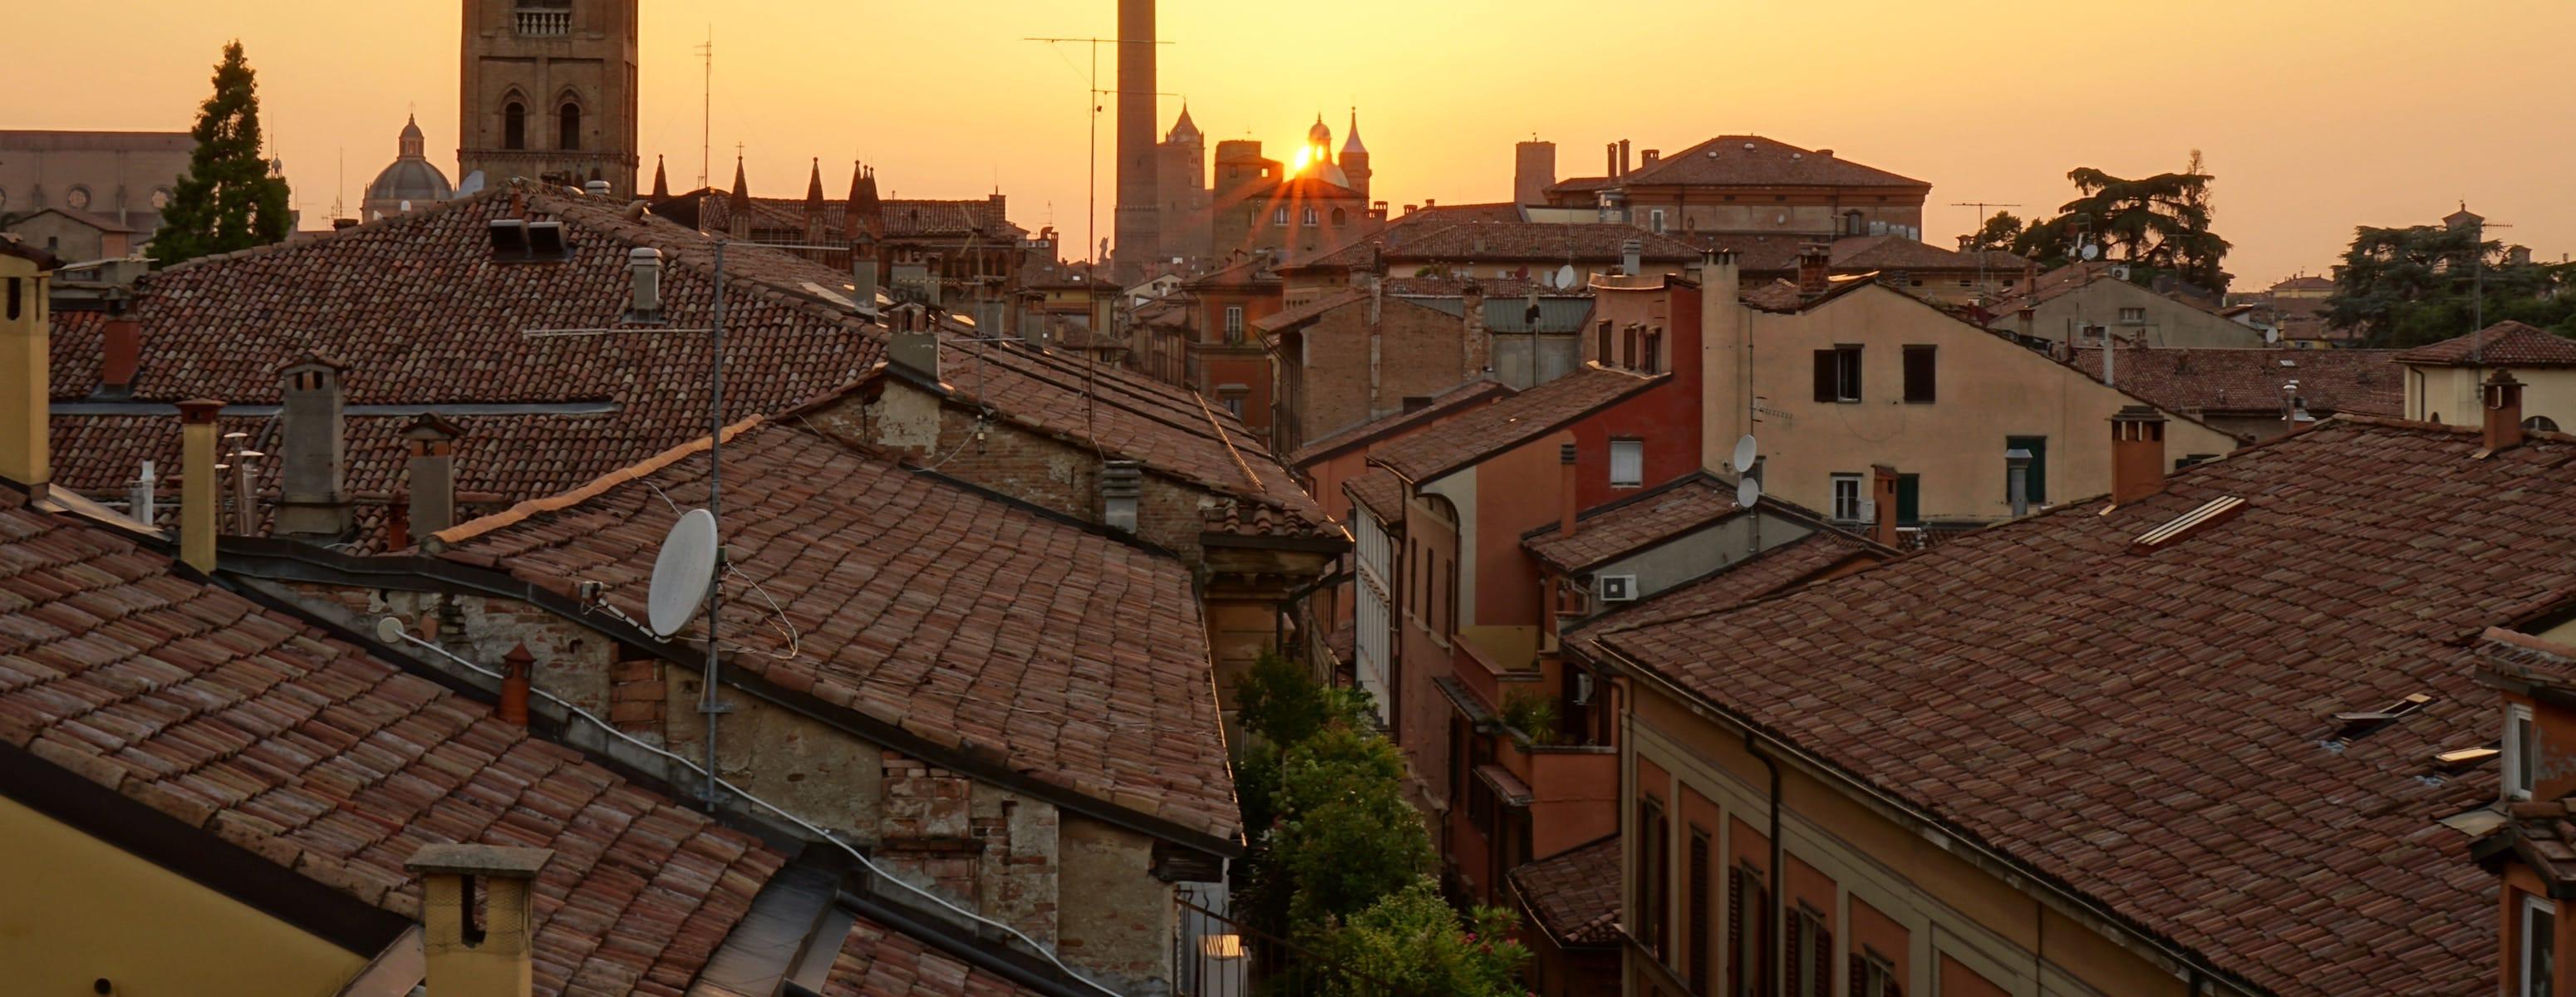 Wakacyjny najem w Bolonia